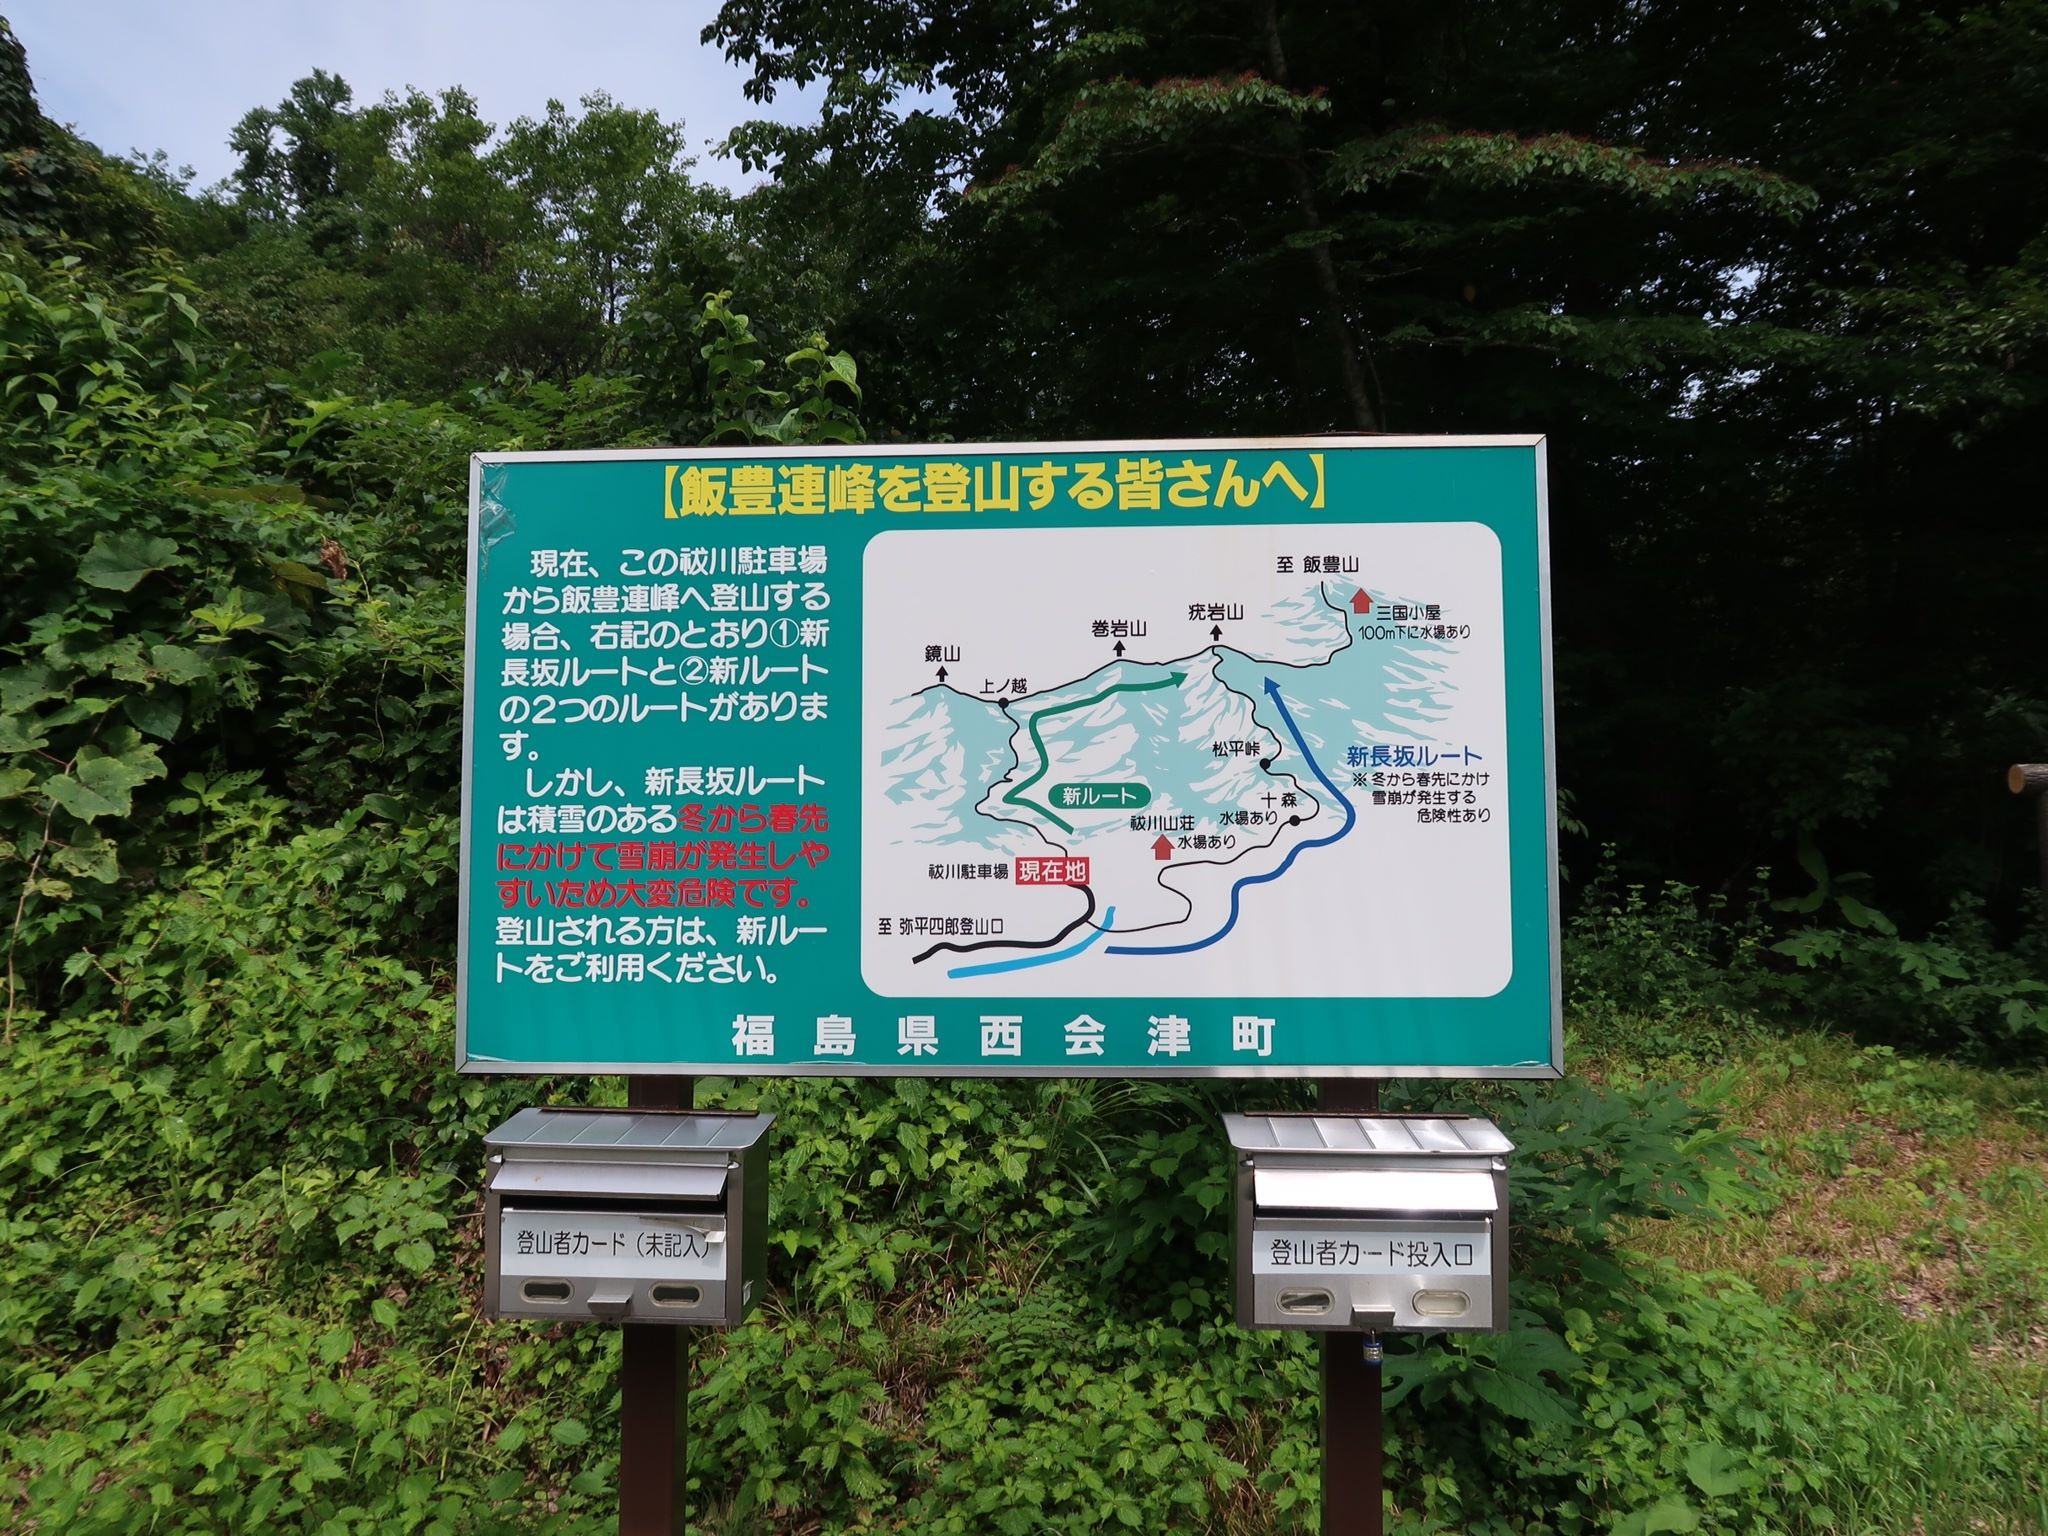 弥平四郎口の案内看板